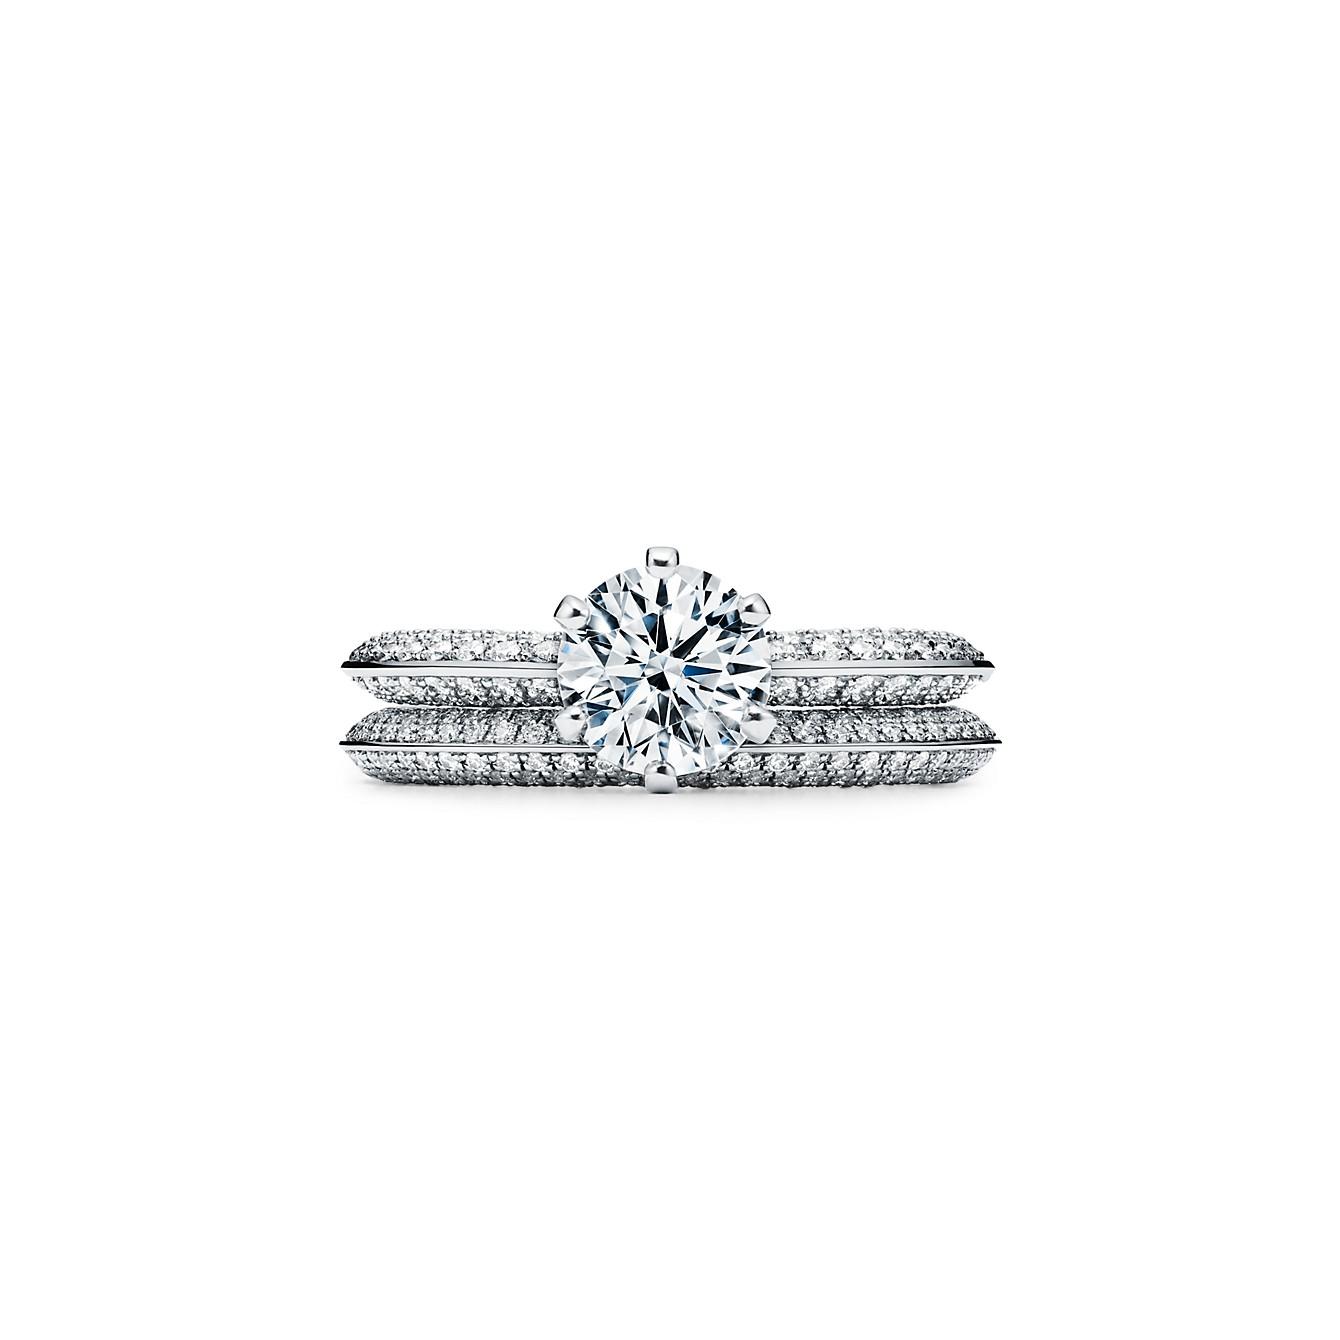 ティファニー セッティング エンゲージメント リング パヴェ ダイヤモンド バンド(3)―Tiffany & Co.(ティファニー)